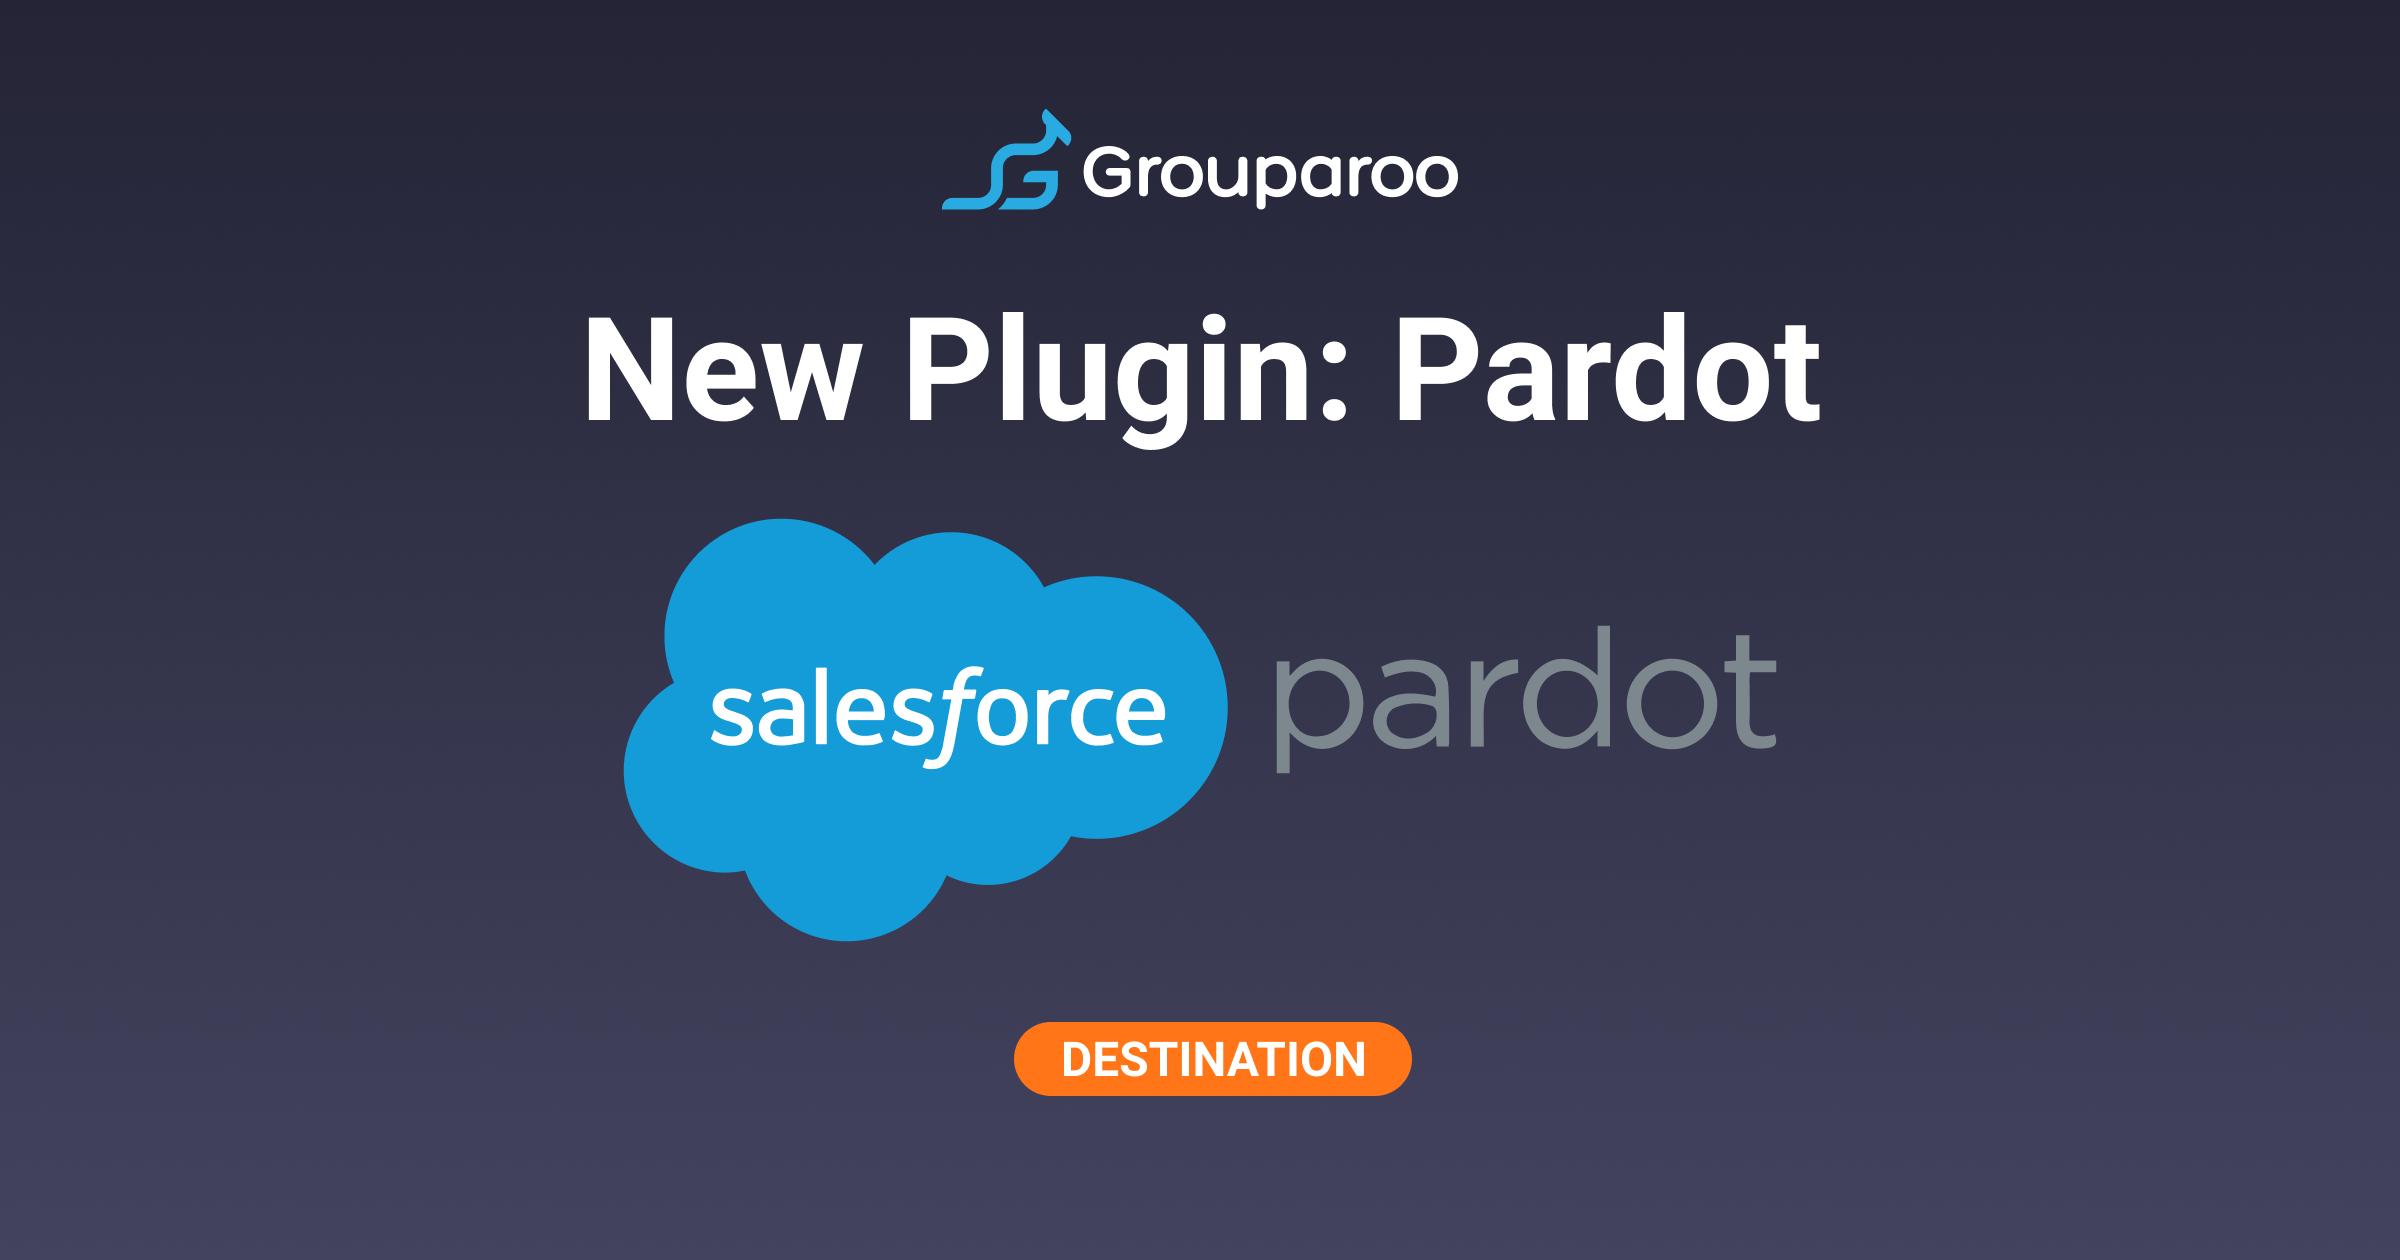 Grouparoo and Pardot